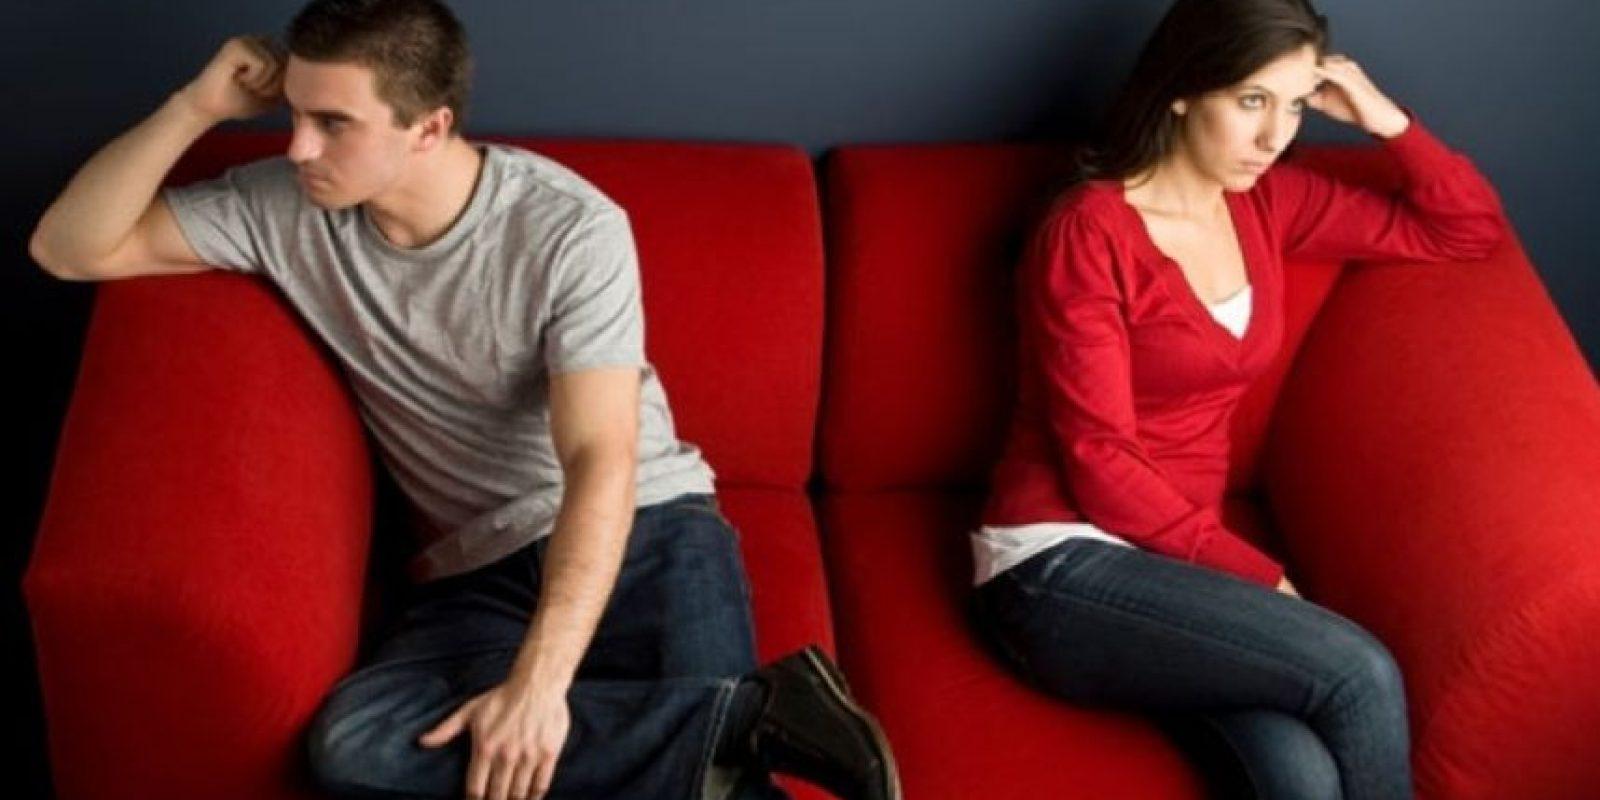 La noción de amores tóxicos toma como referente la adicción y da cuenta de las relaciones que son nocivas. Foto:Pinterest